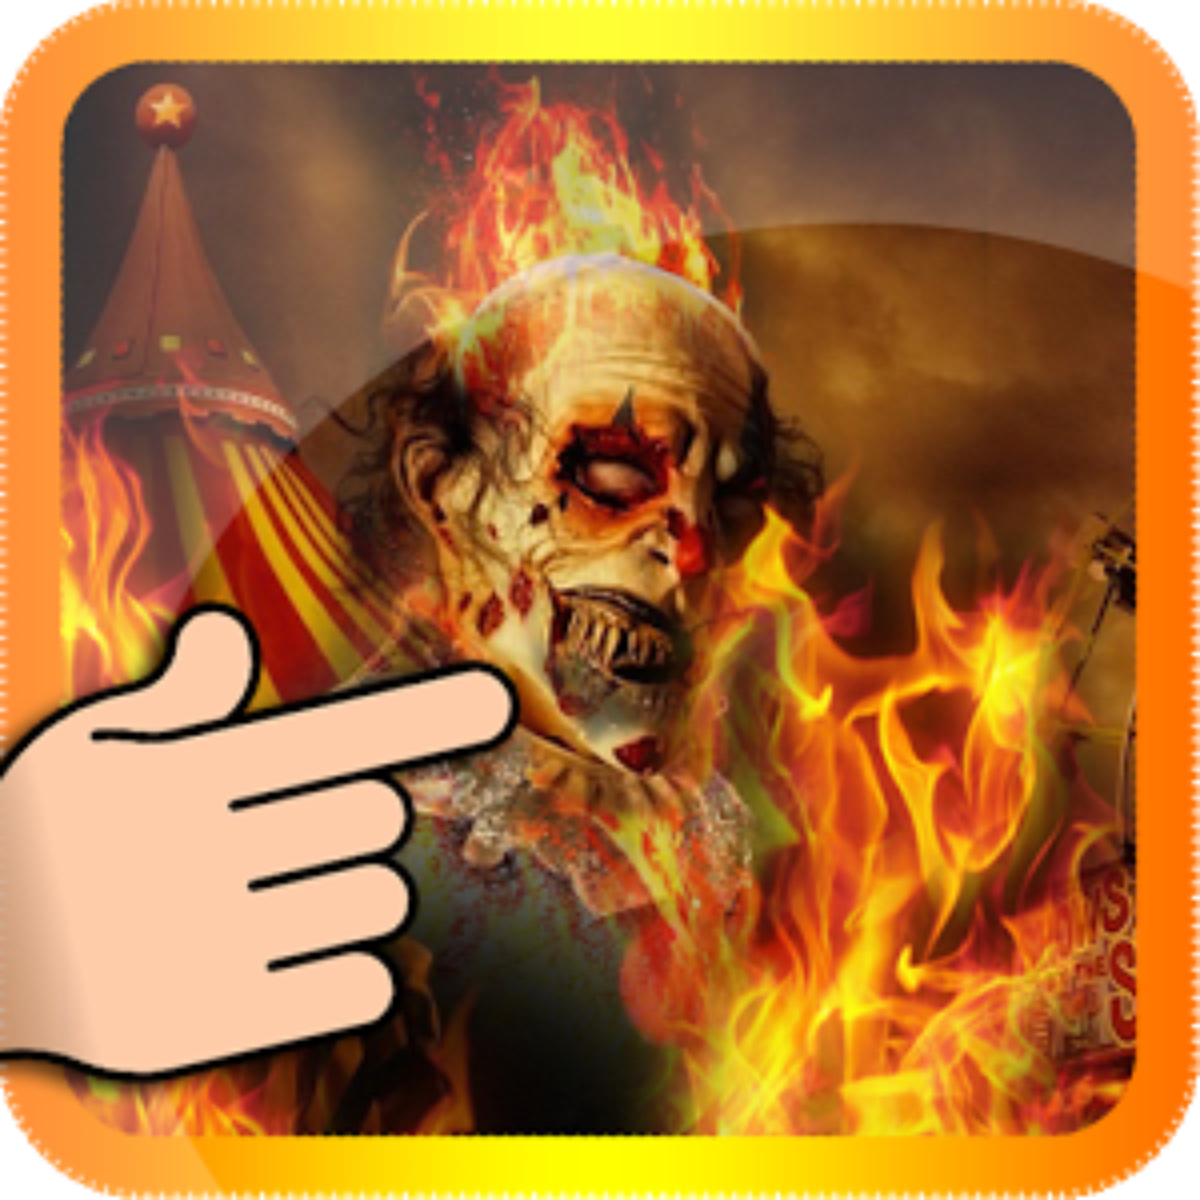 Ghost Rider payaso de Fuego